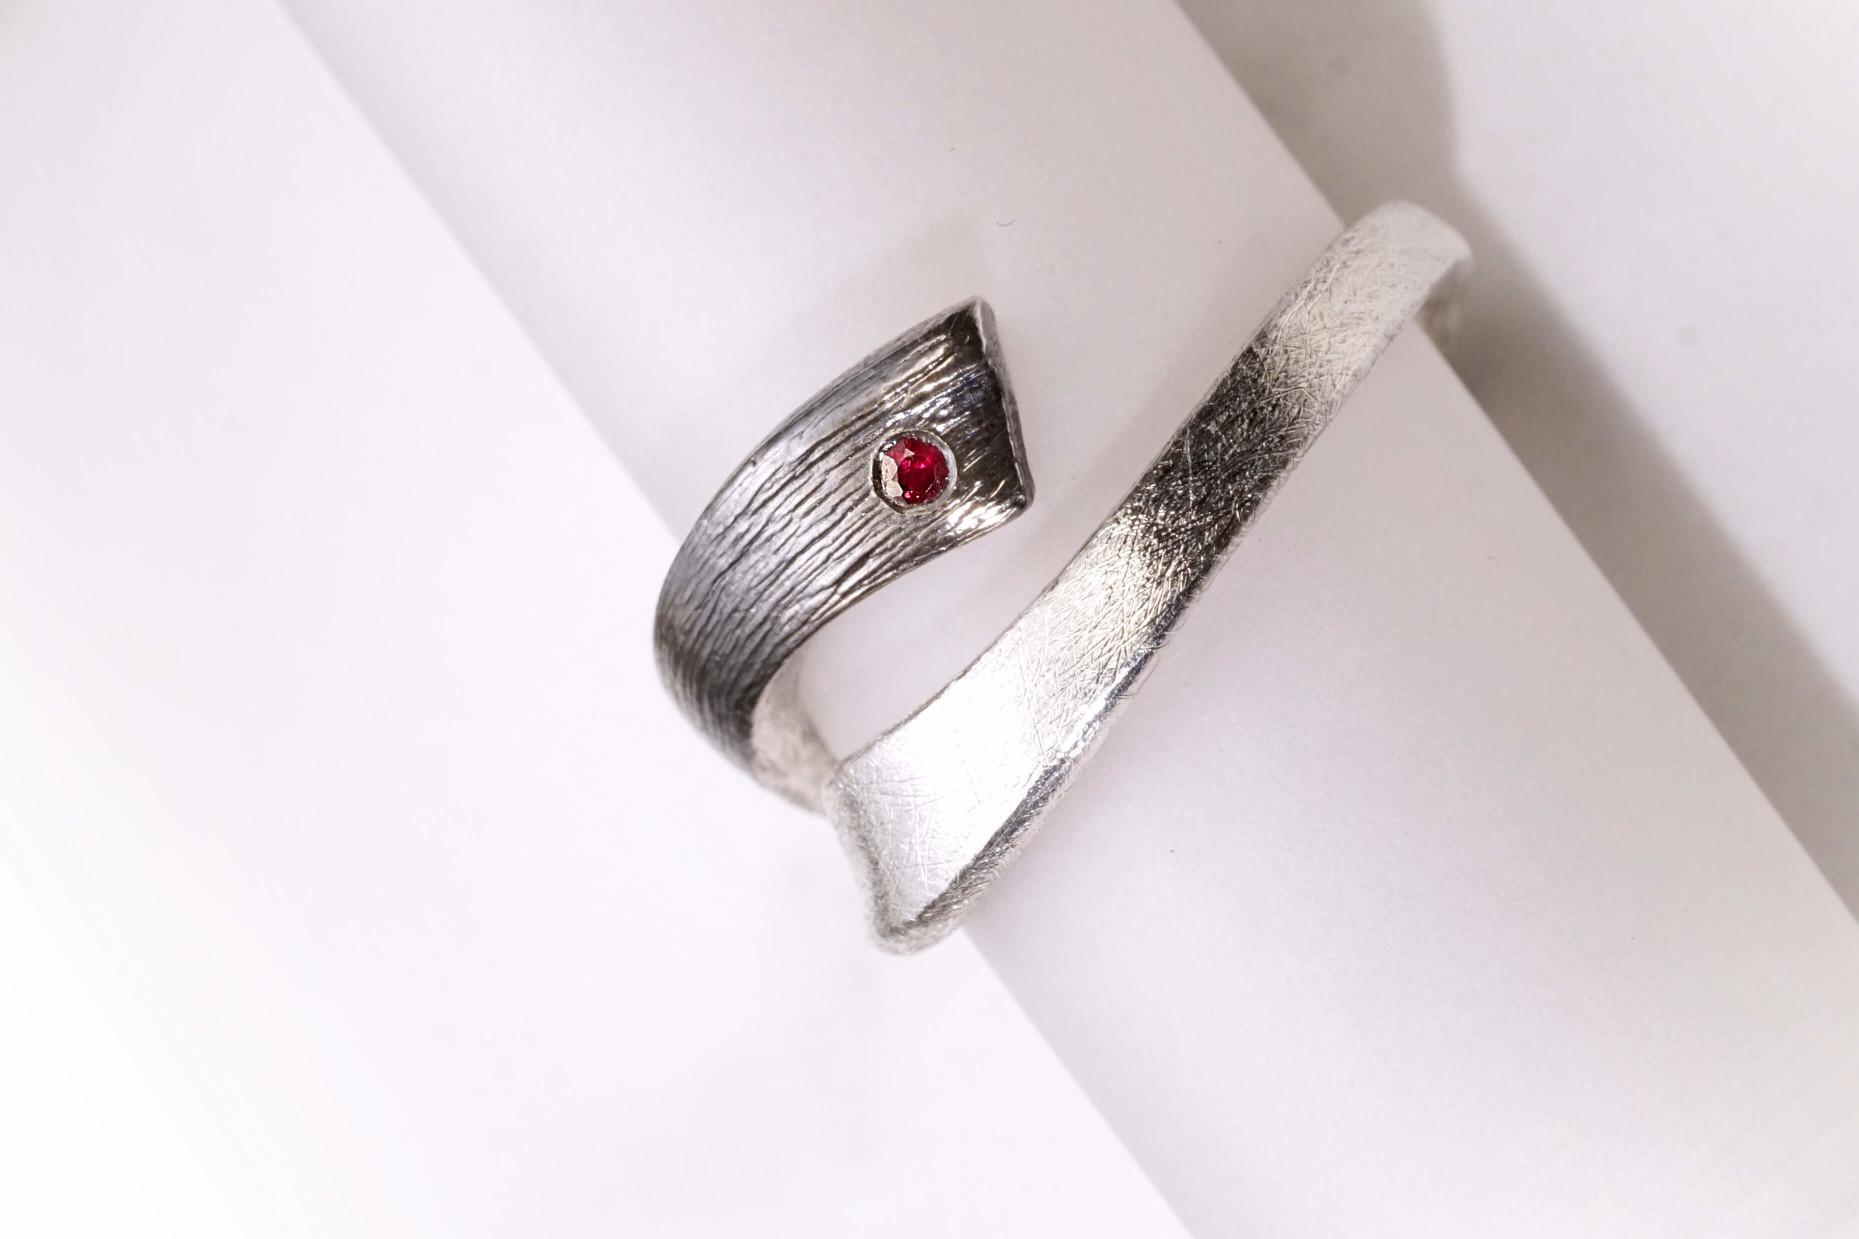 Chia Jewelry訂製婚戒 婚戒設計 客製化婚戒 客製化對戒 對戒設計 鑽戒 客製化鑽戒 結婚戒指 結婚鑽戒